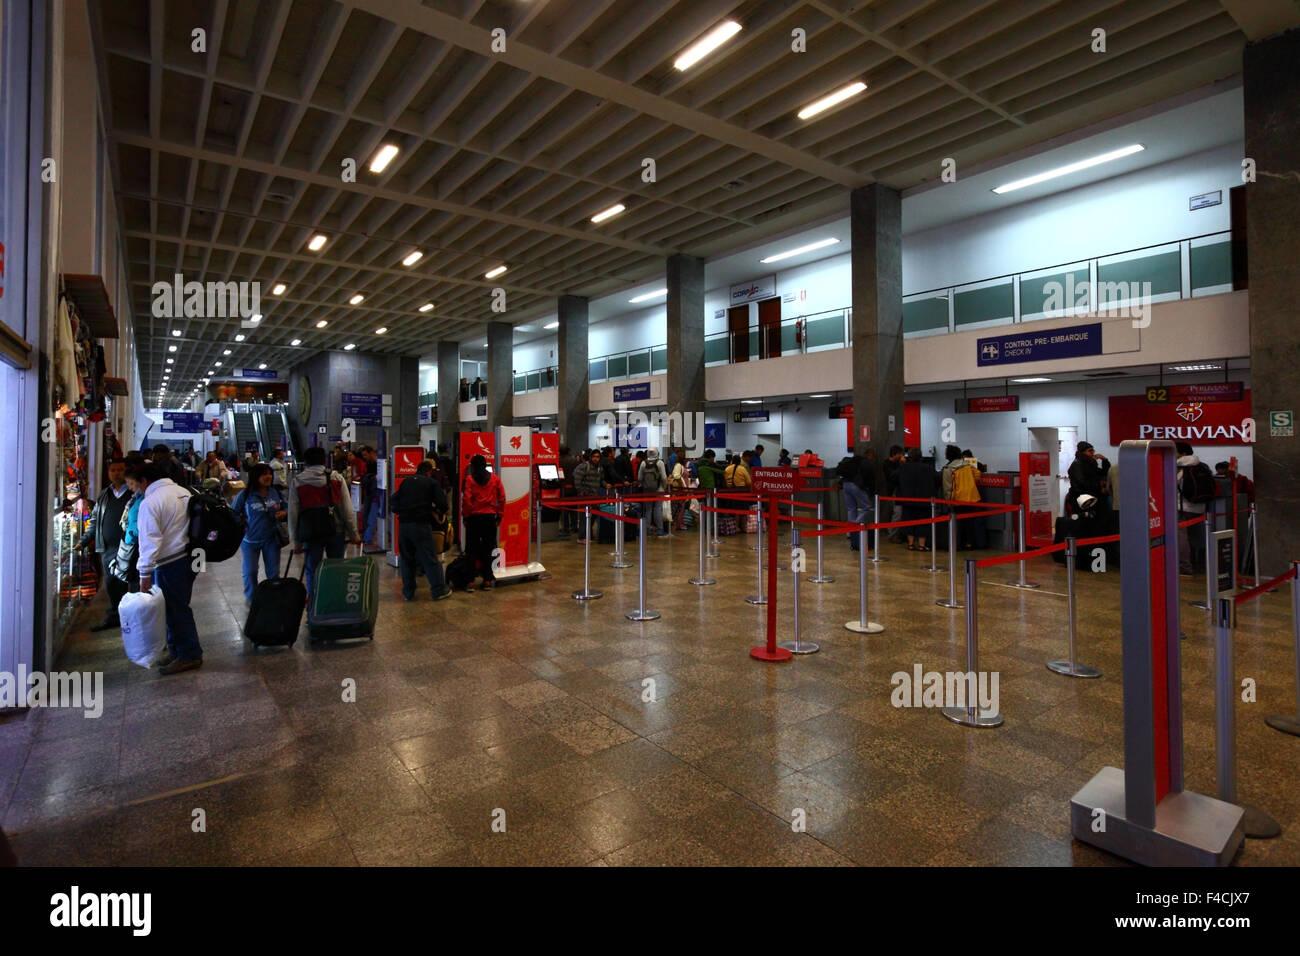 Los Pasajeros Colas En Mostradores De Facturacion En El Aeropuerto Internacional Alejandro Velasco Astete Cusco Peru Fotografia De Stock Alamy